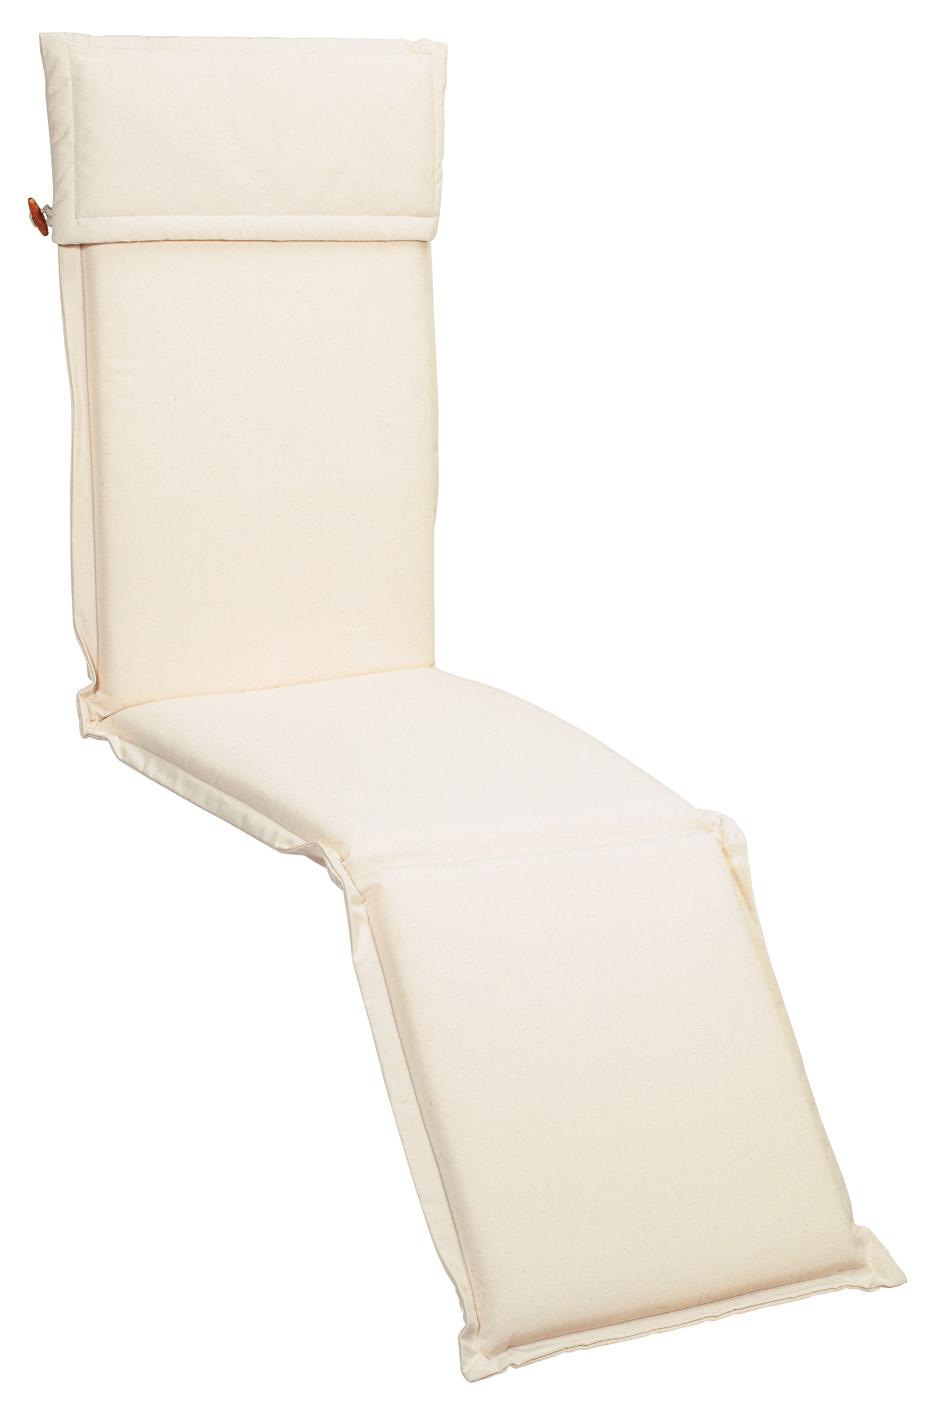 Cuscino per deckchair 184x46 cm con volant ECRU